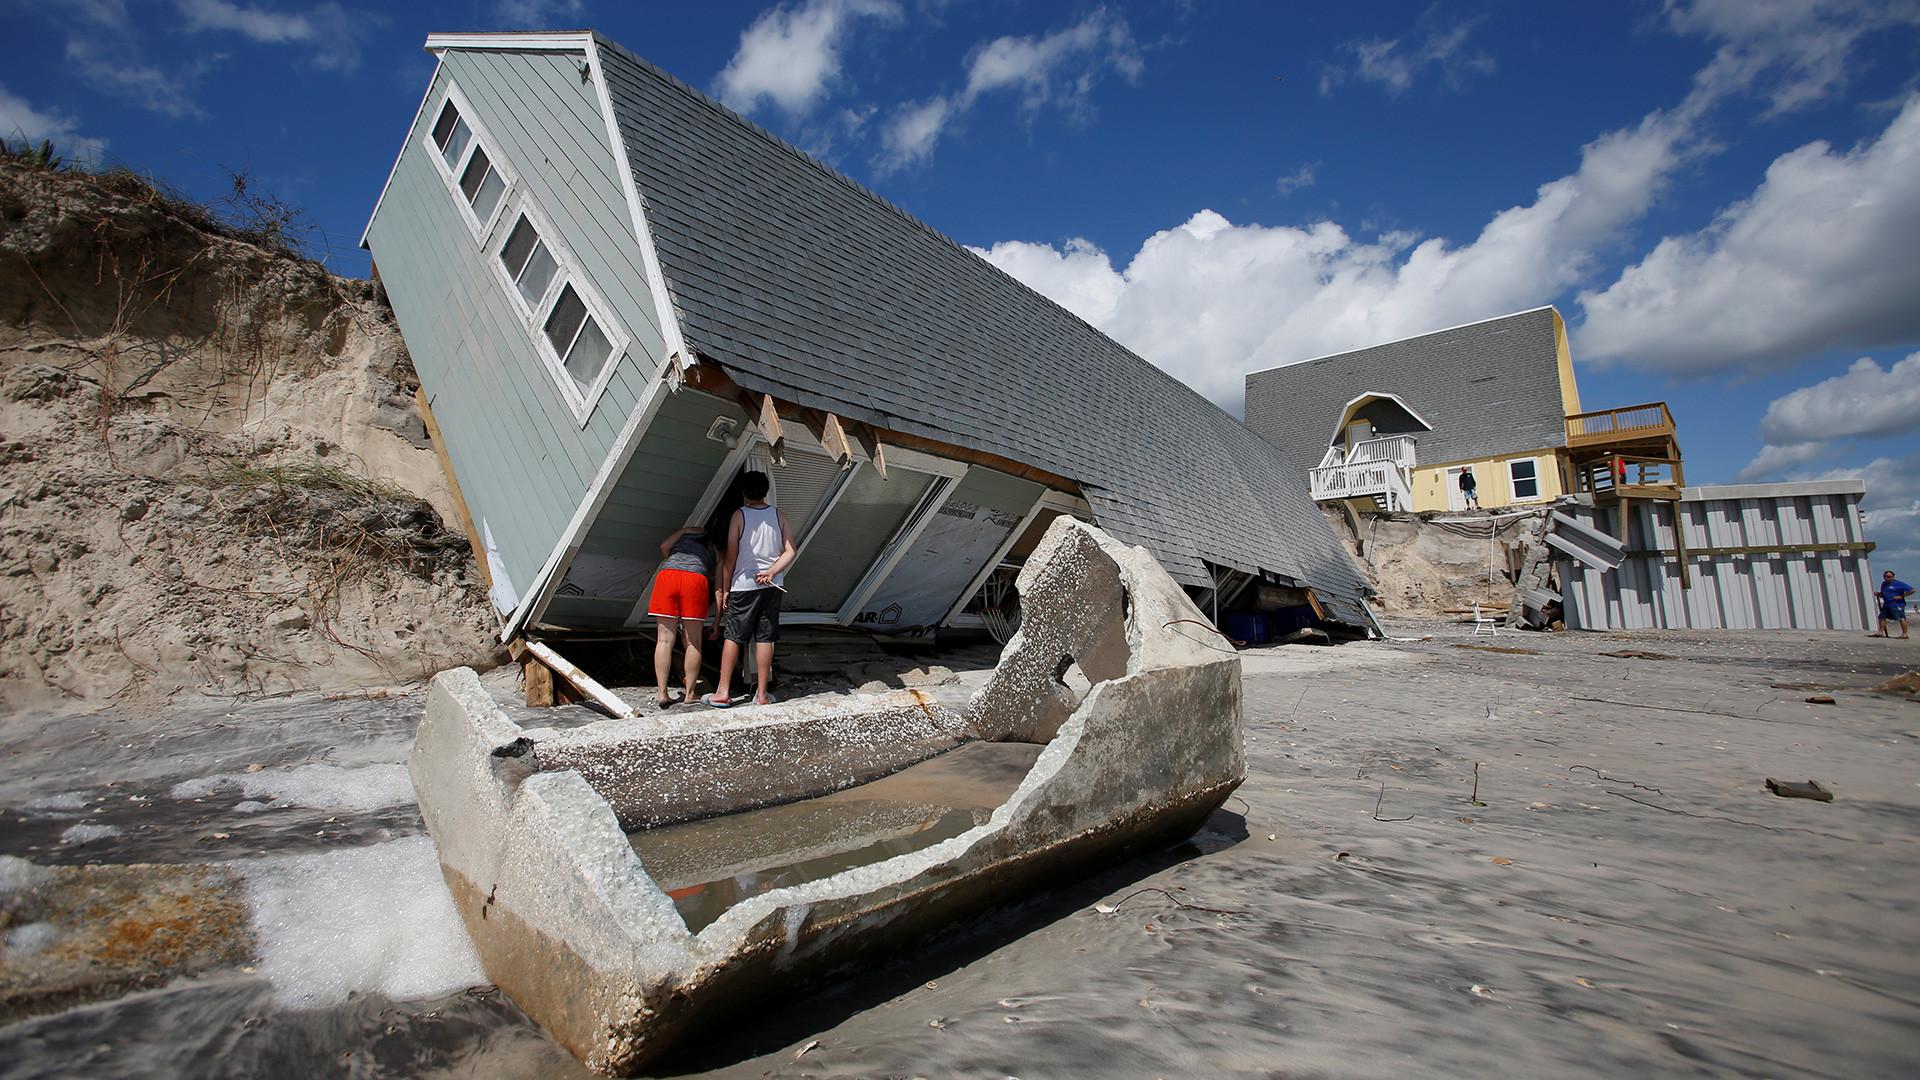 """Последице урагана """"Ирма"""" на плажи """"Вилано"""", Флорида. 12. септембар 2017. године."""